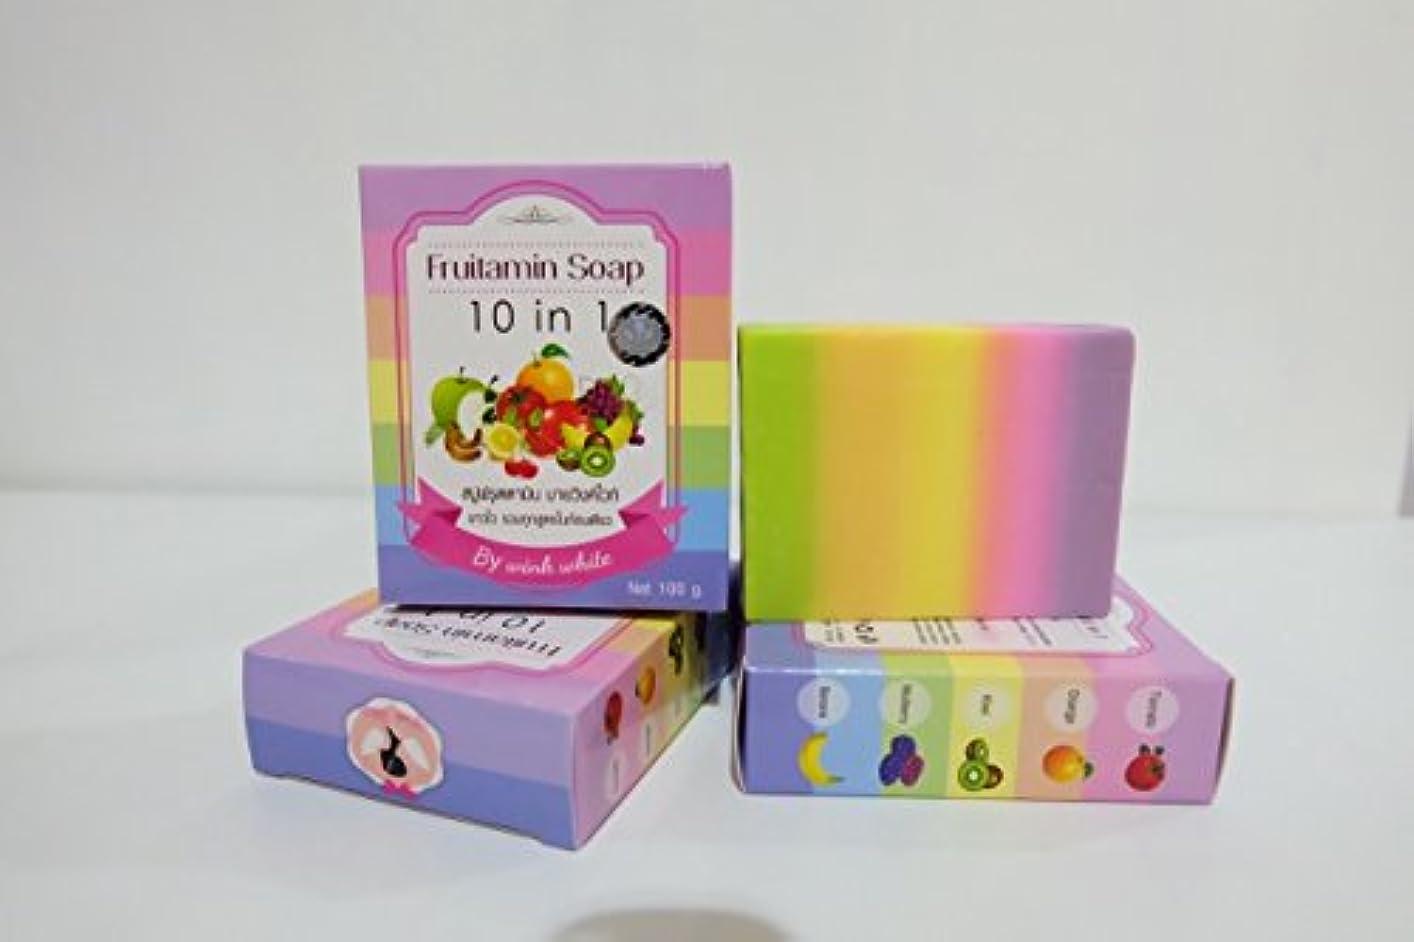 代替案合併症顕微鏡FRUITAMIN SOAP 10 IN 1 soap jelly cubes single vitamins park headlights course. Whitening Soap. 100 g. Free Shipping.